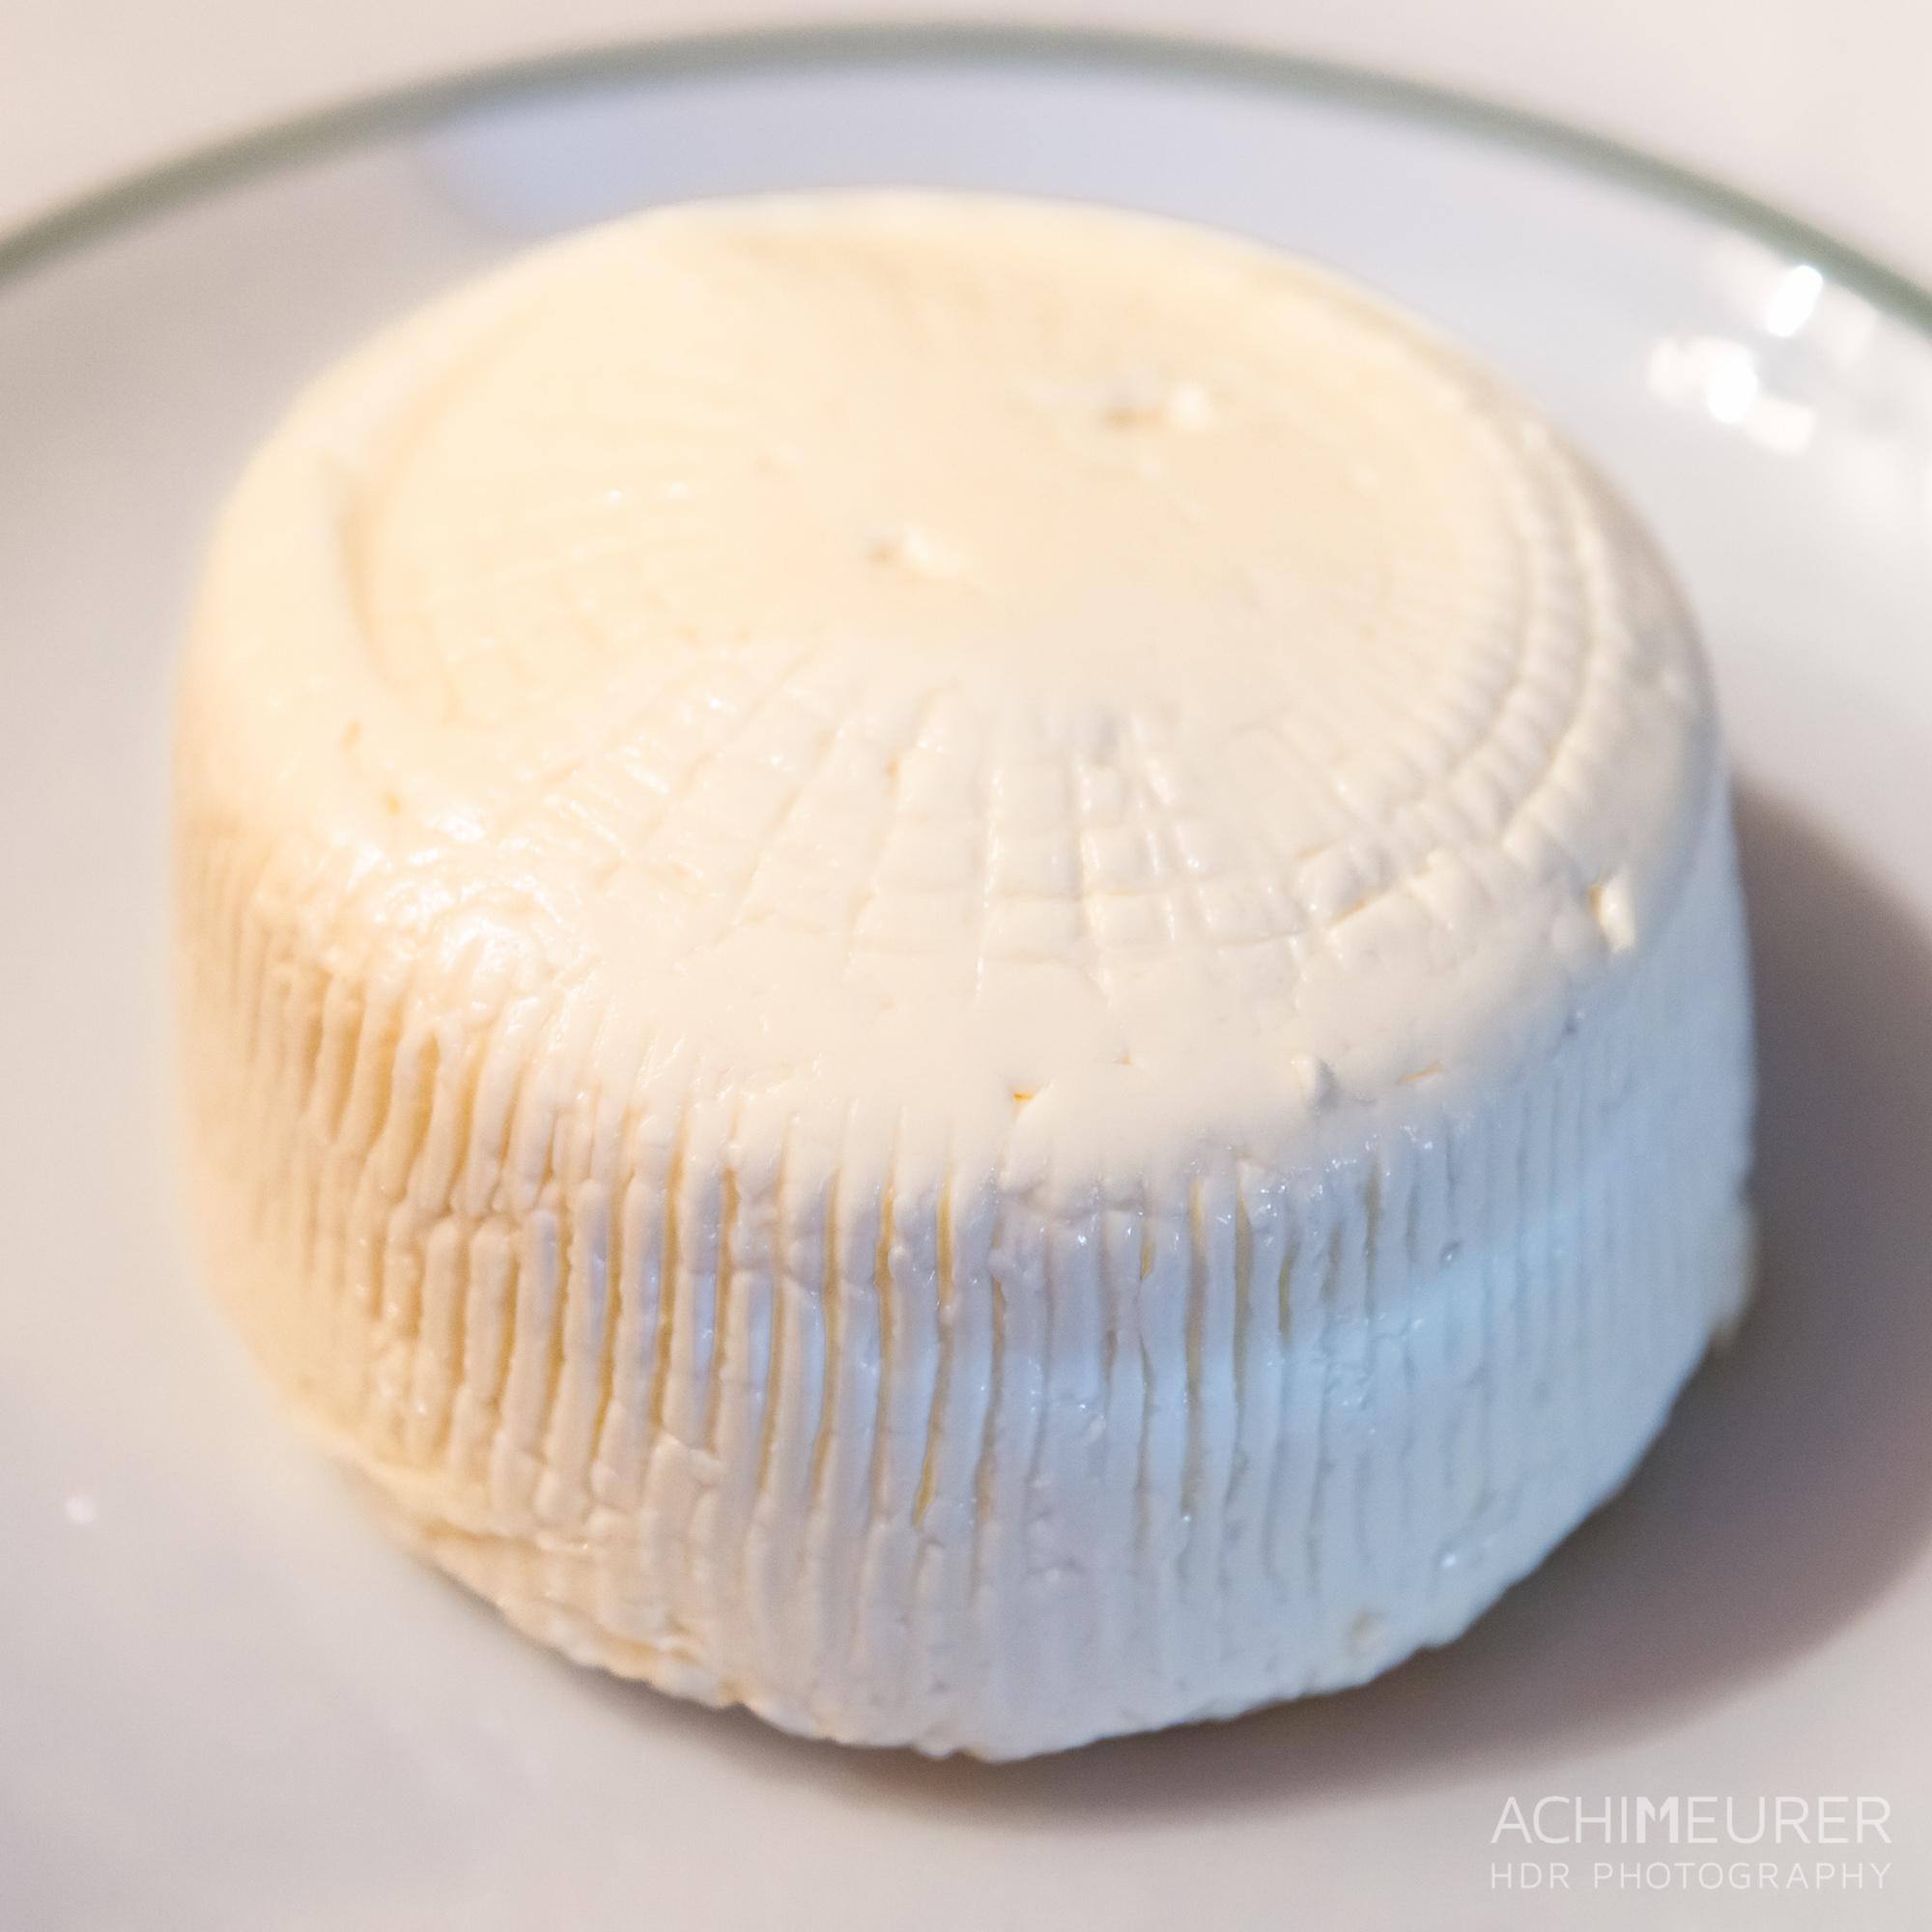 fertiger selbst gemachter Käse